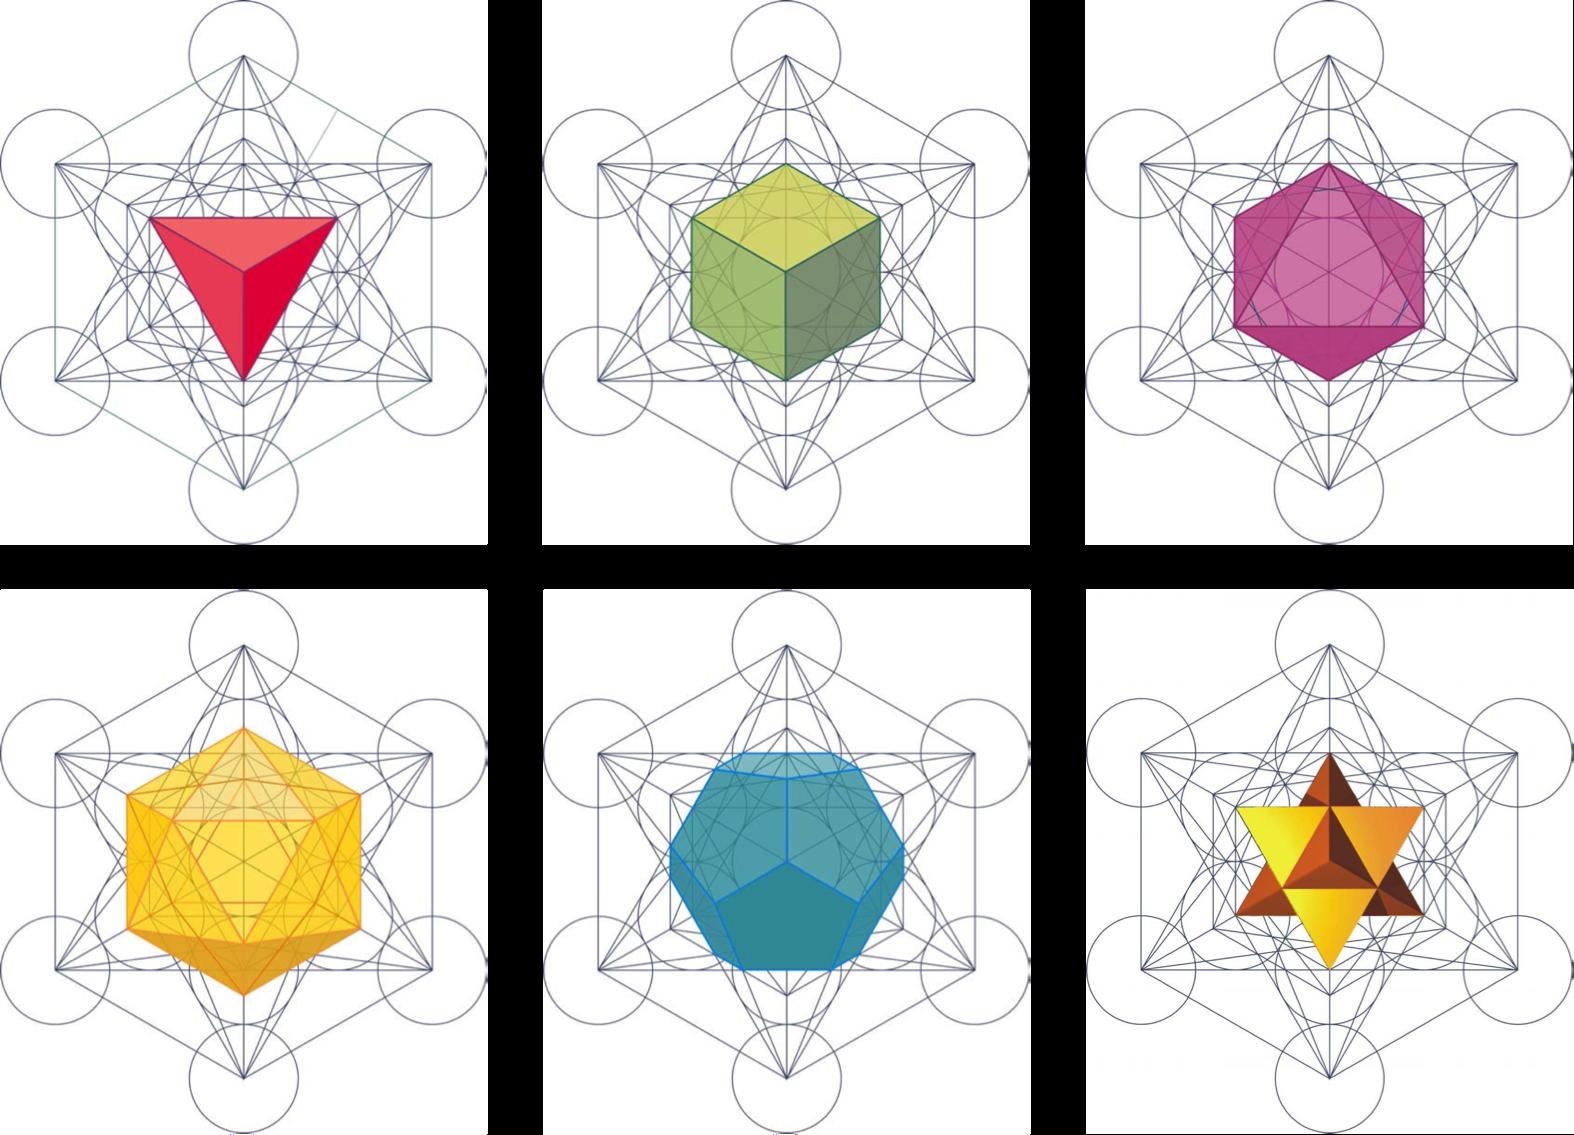 Metatron-Platonkörper